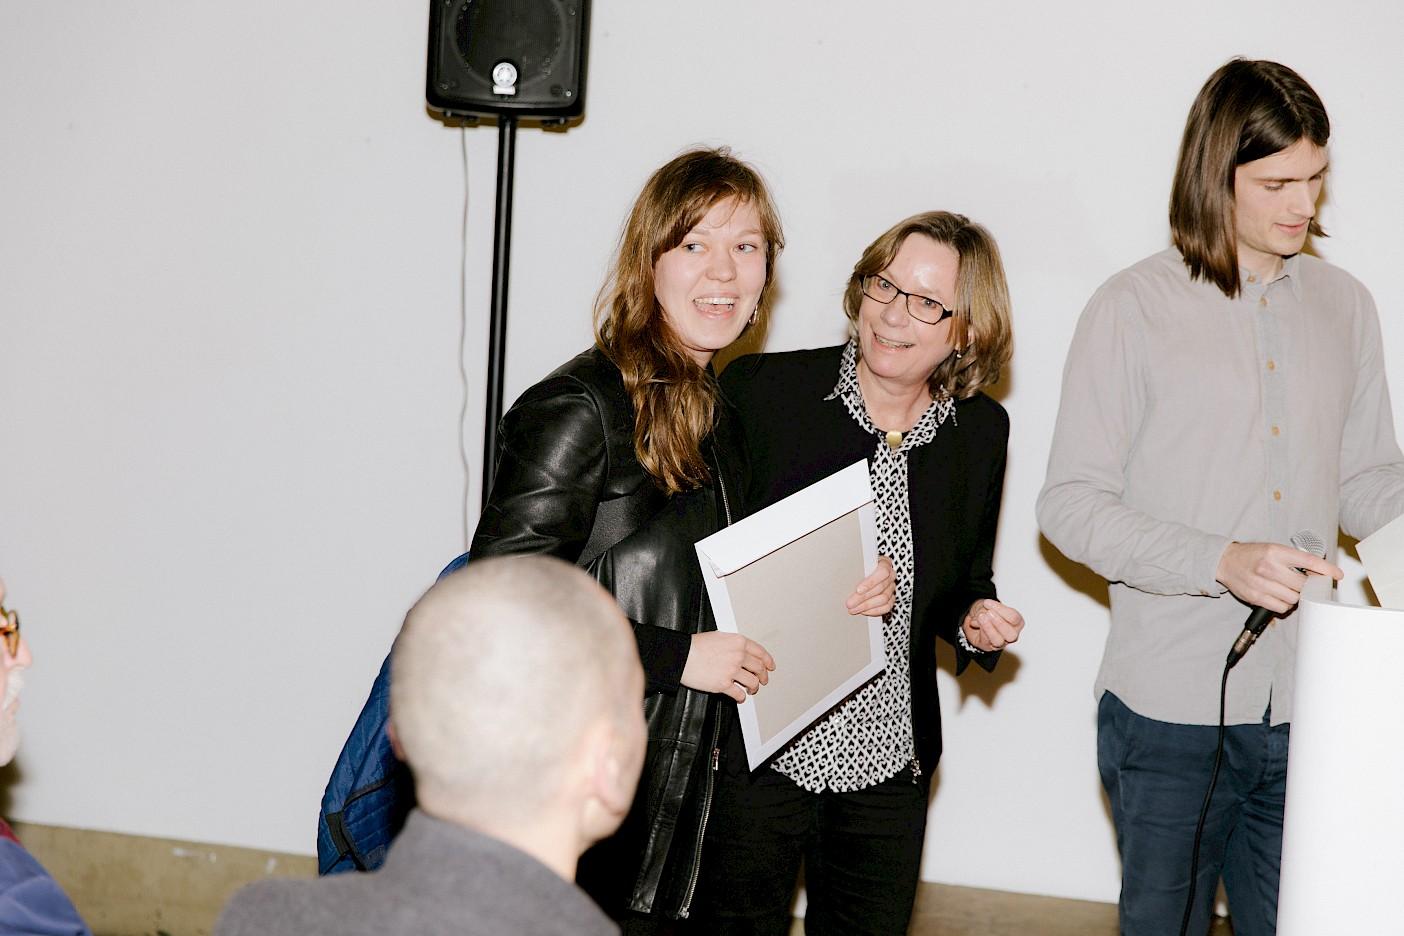 Line Lyhne nimmt den Preis bzw. das Reisestipendium für sich und Pia Ferm von Silke Bernbeck entgegen